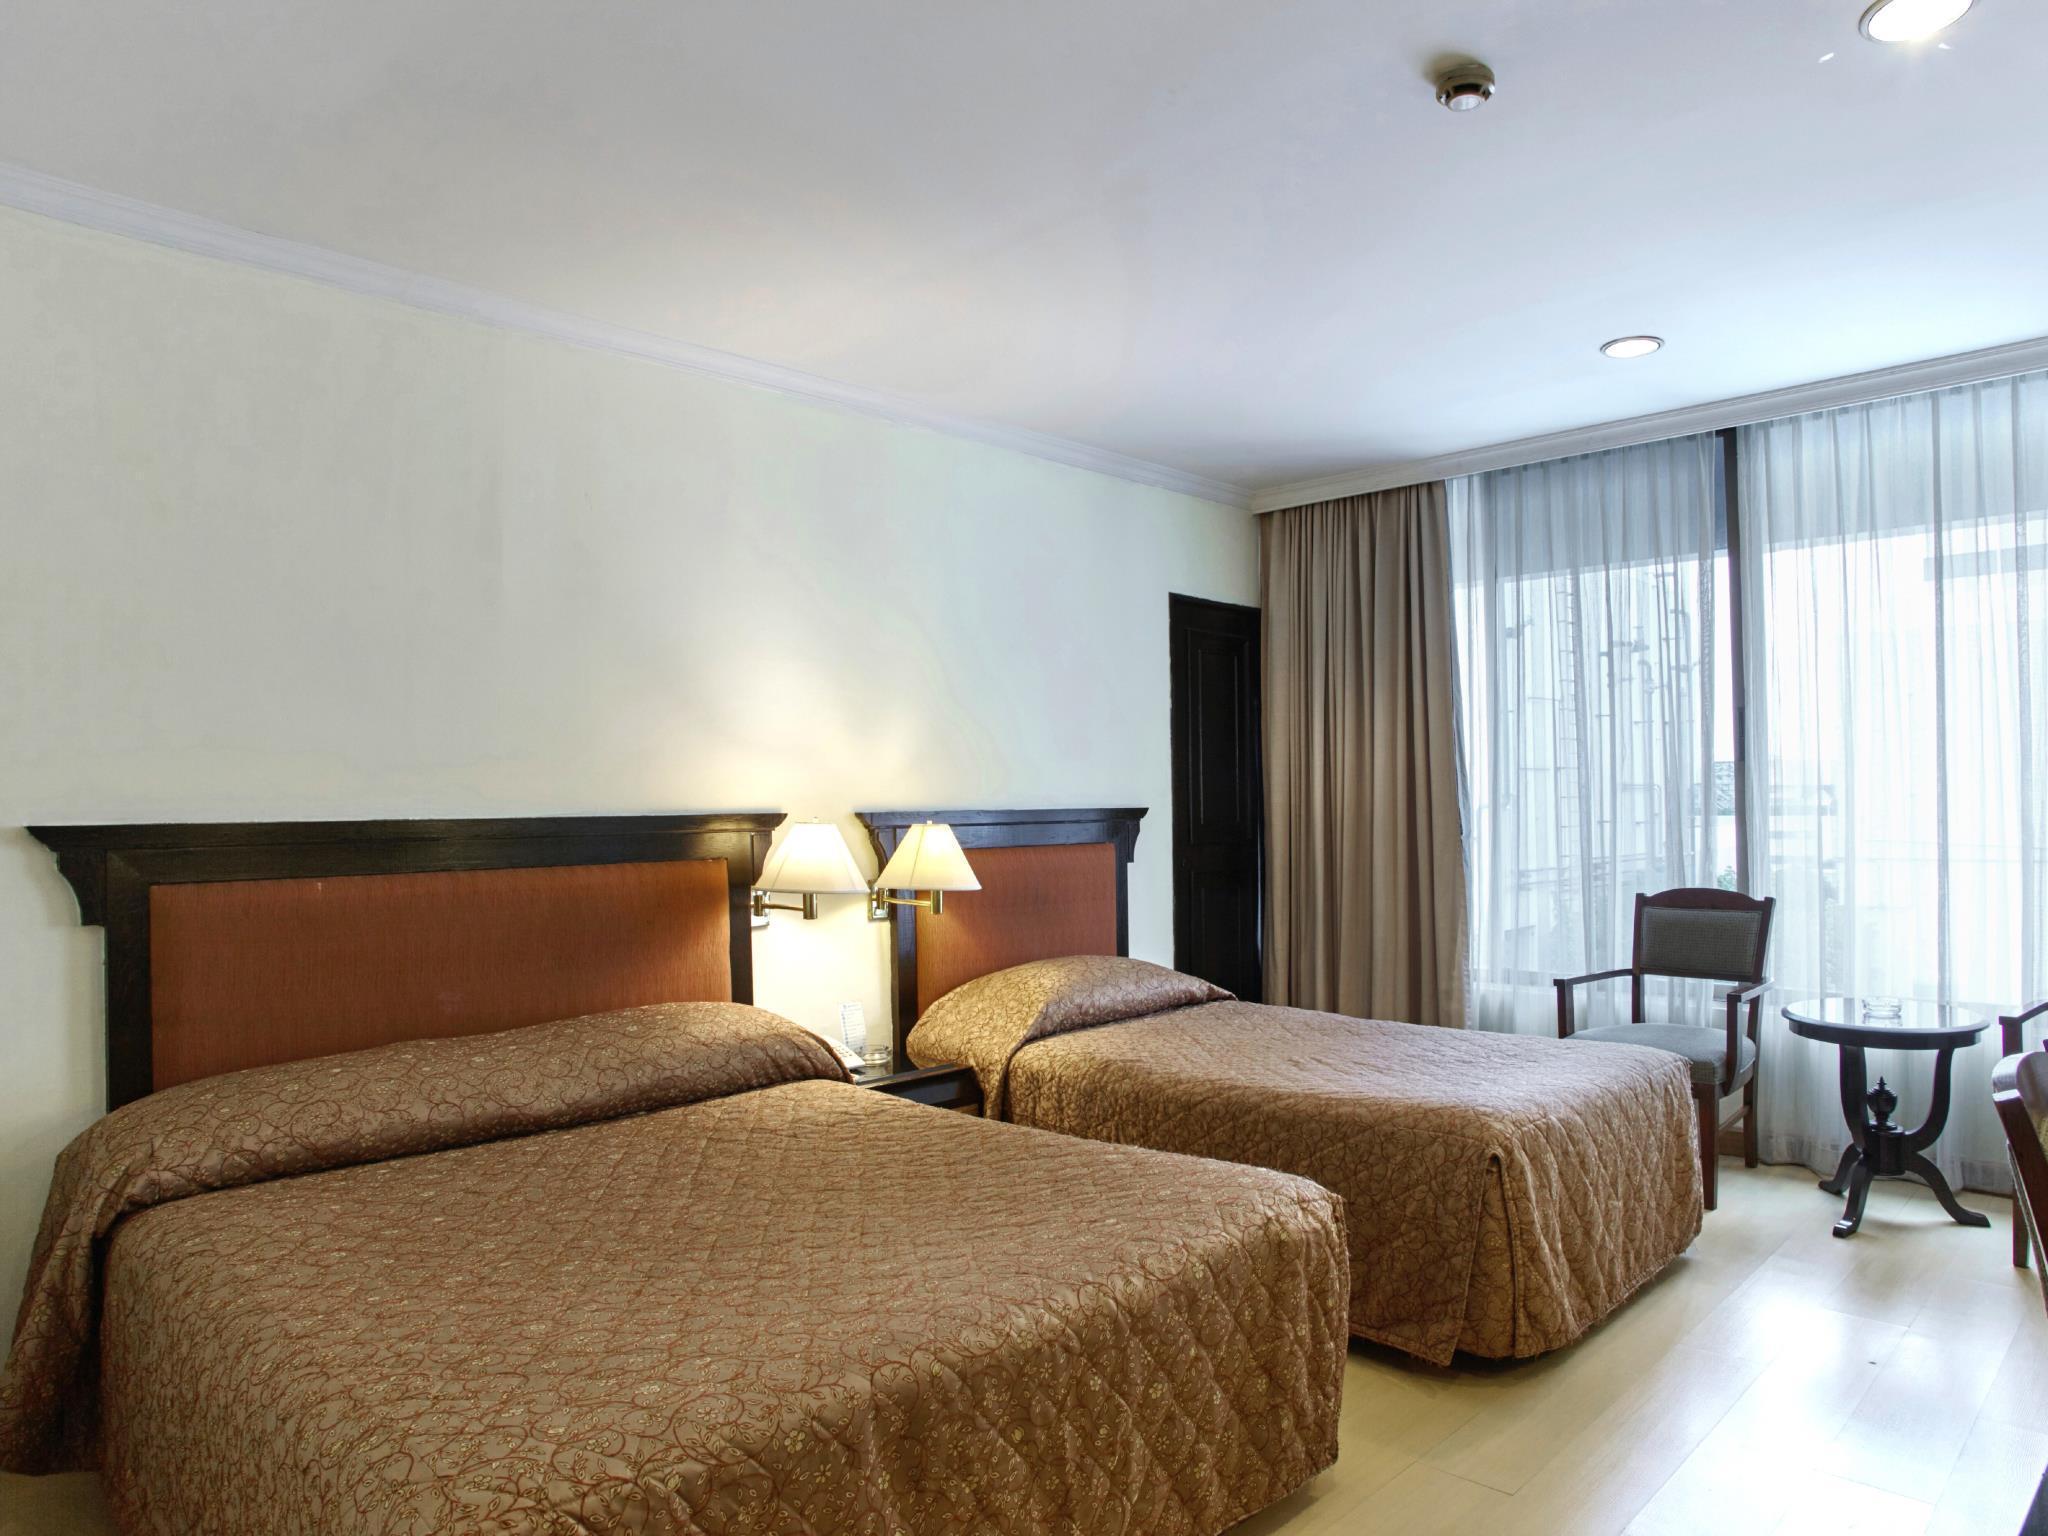 曼谷格瑞斯酒店 grace bangkok